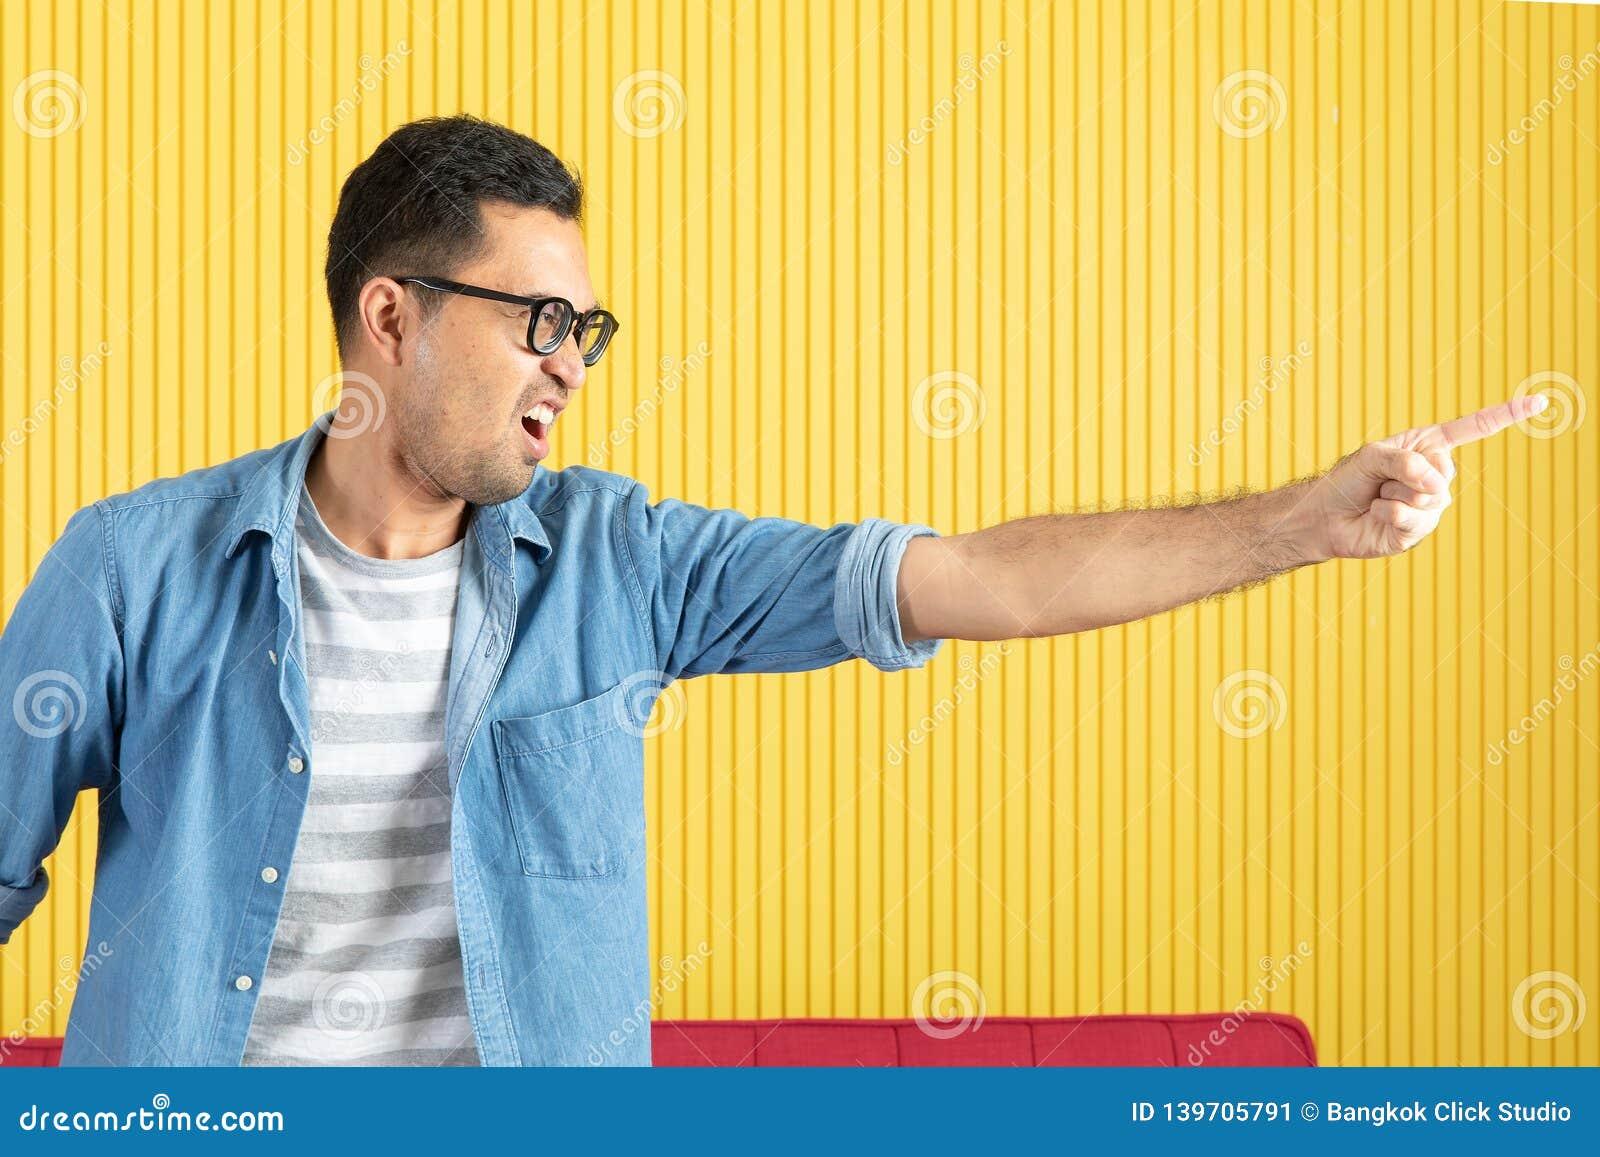 Côté-vue, fin du jeune homme barbu bel asiatique, lunettes de port, dans la chemise de denim, indiquant par espièglerie son côté